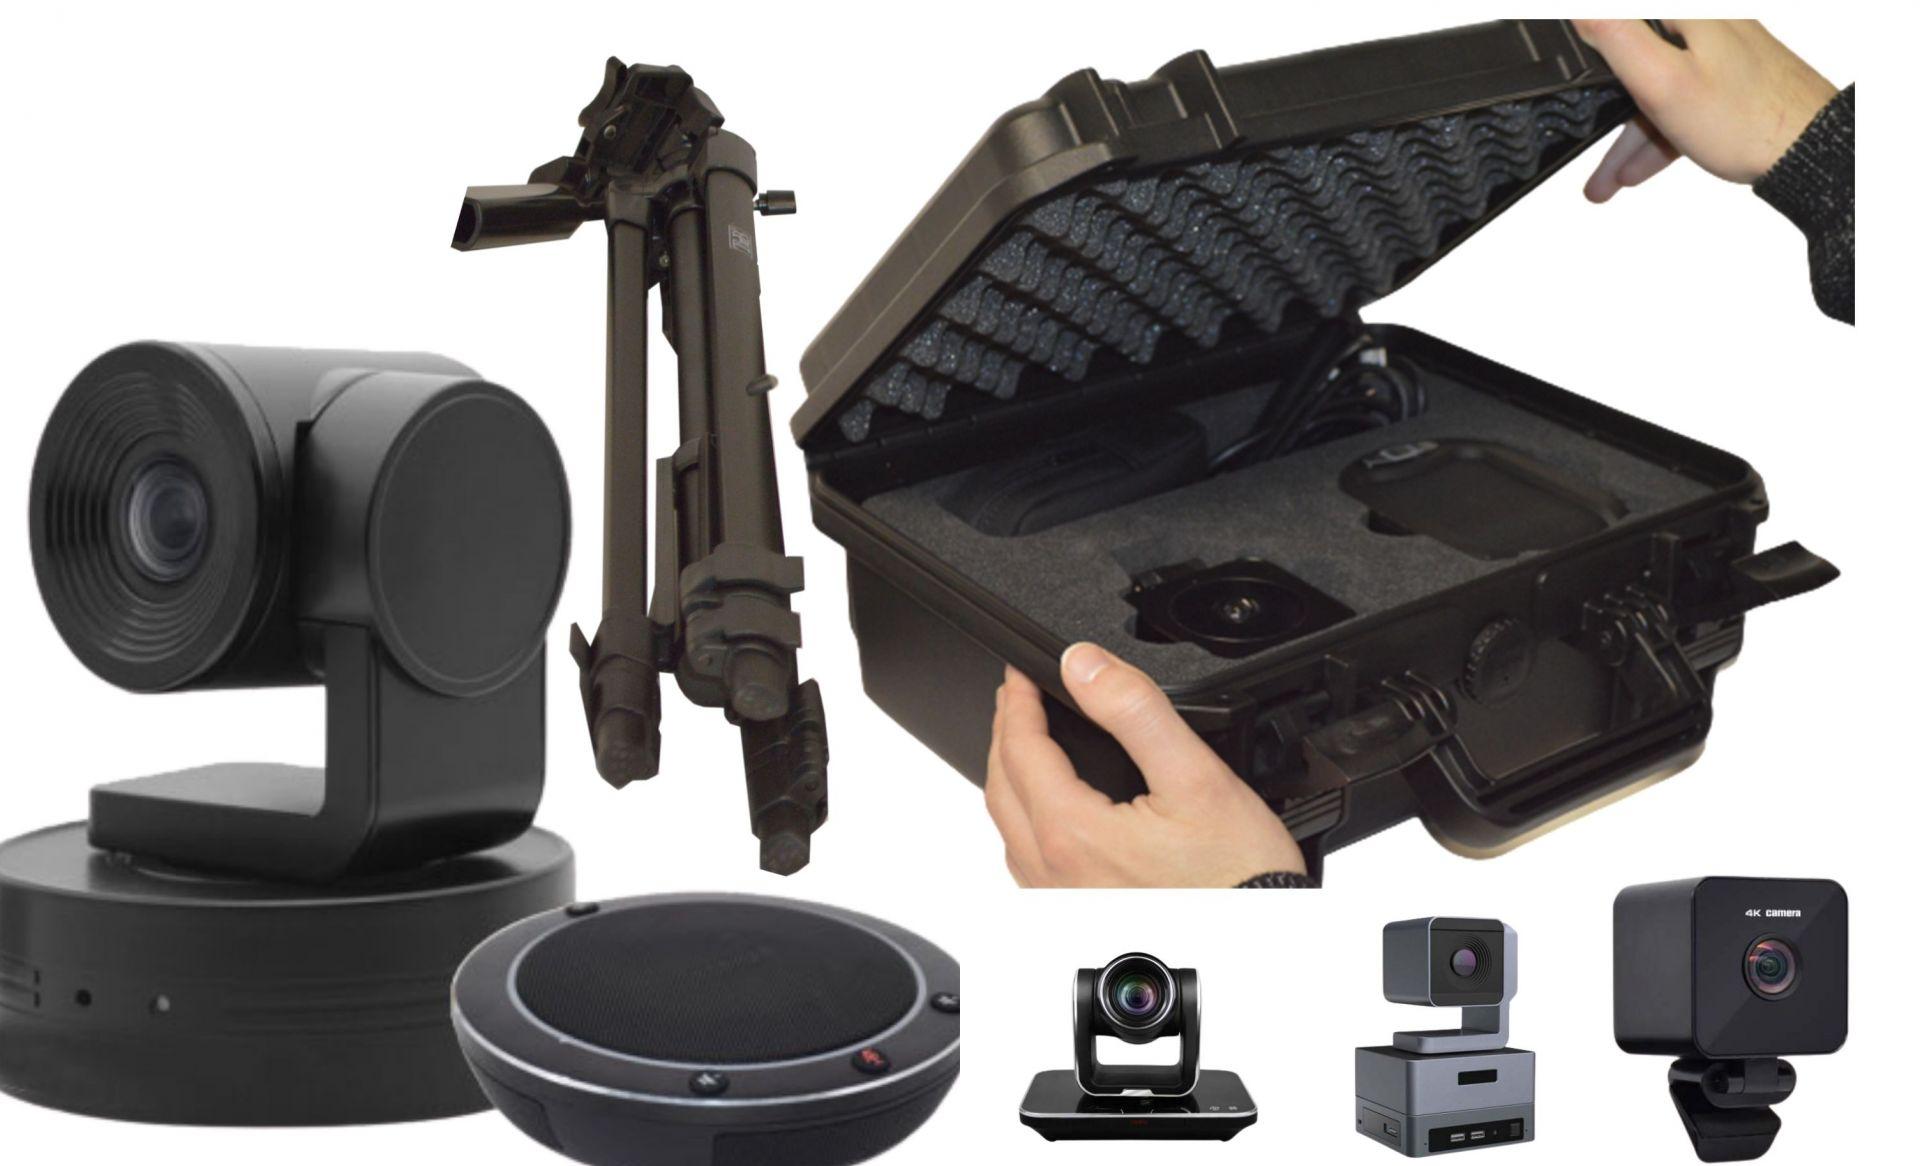 Valise de vidéo-conférence avec caméra 4k ultra hd, trépied et haut-parleurs